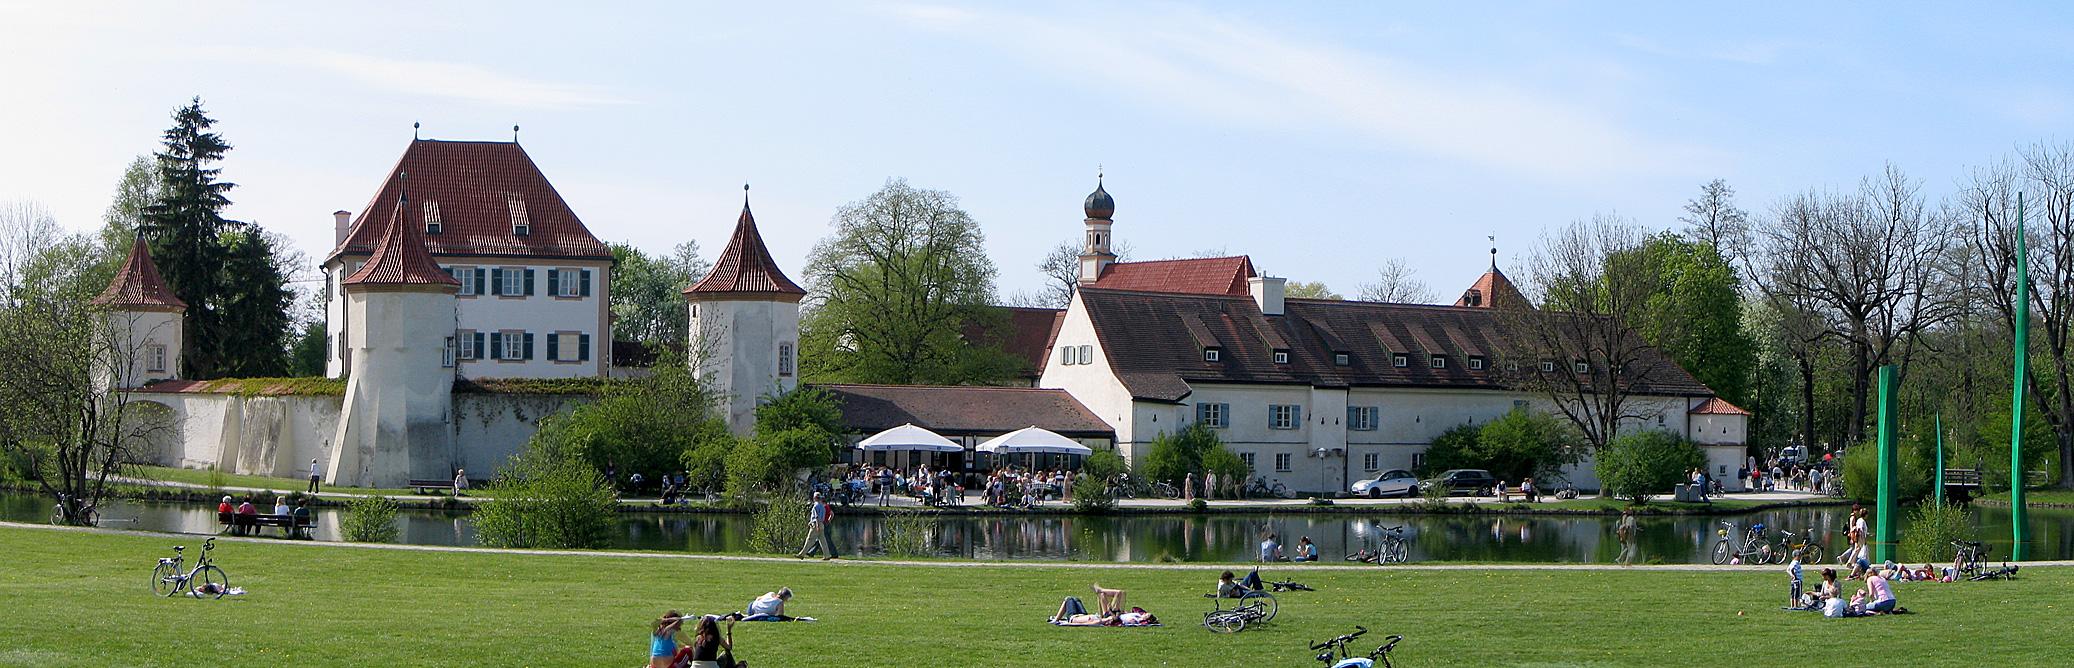 Schloss blutenburg panorama